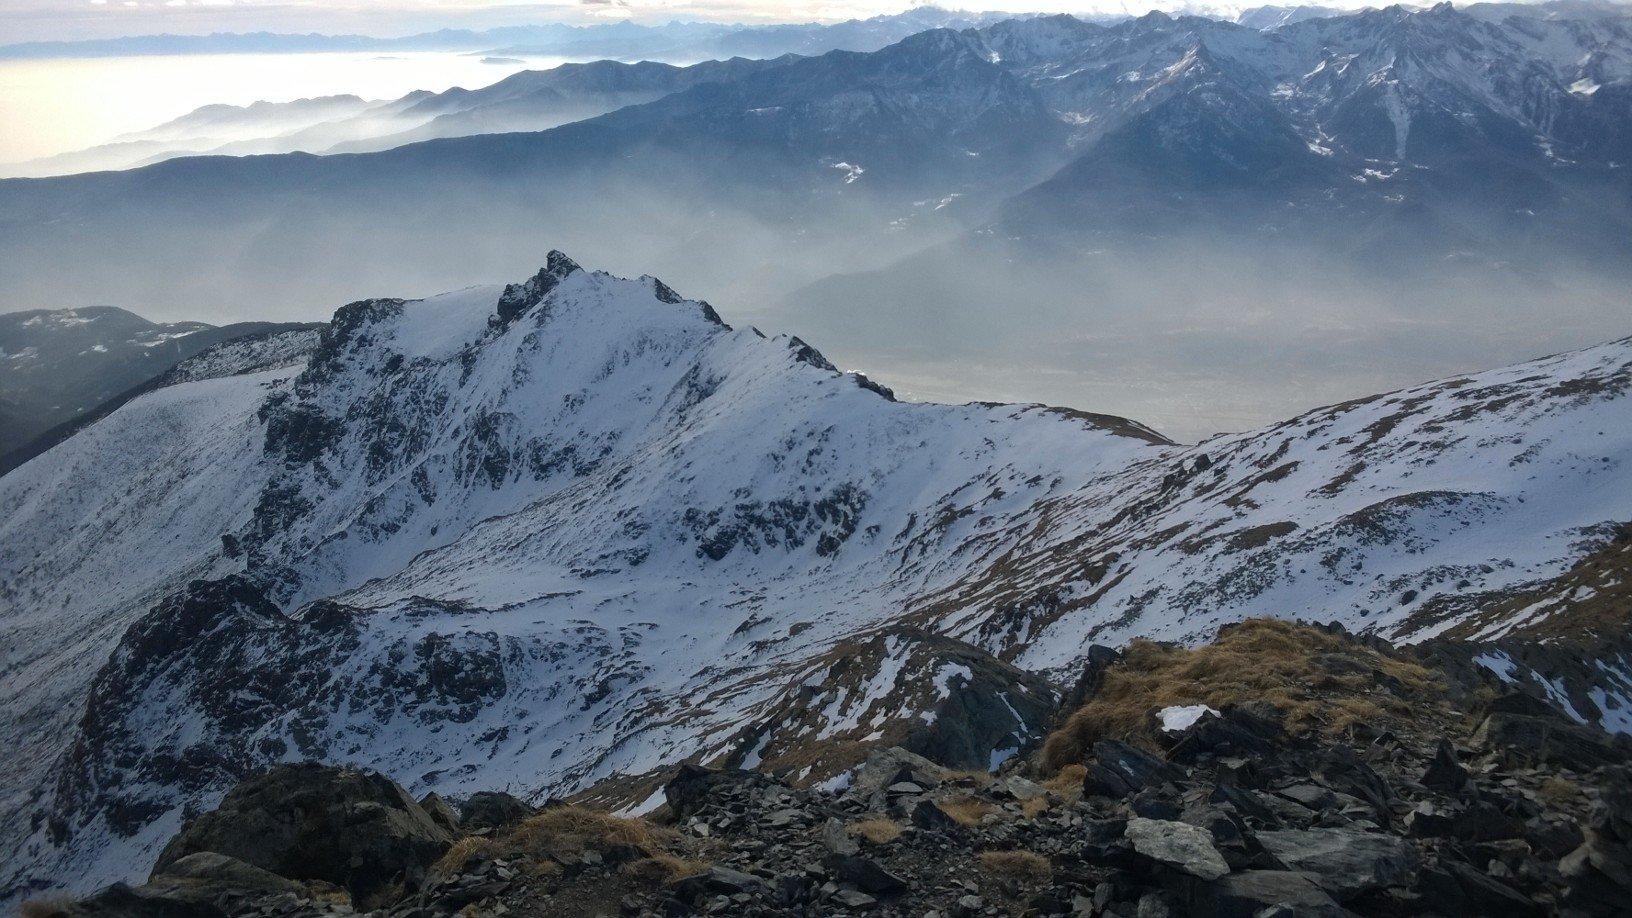 La situazione neve dalla cima